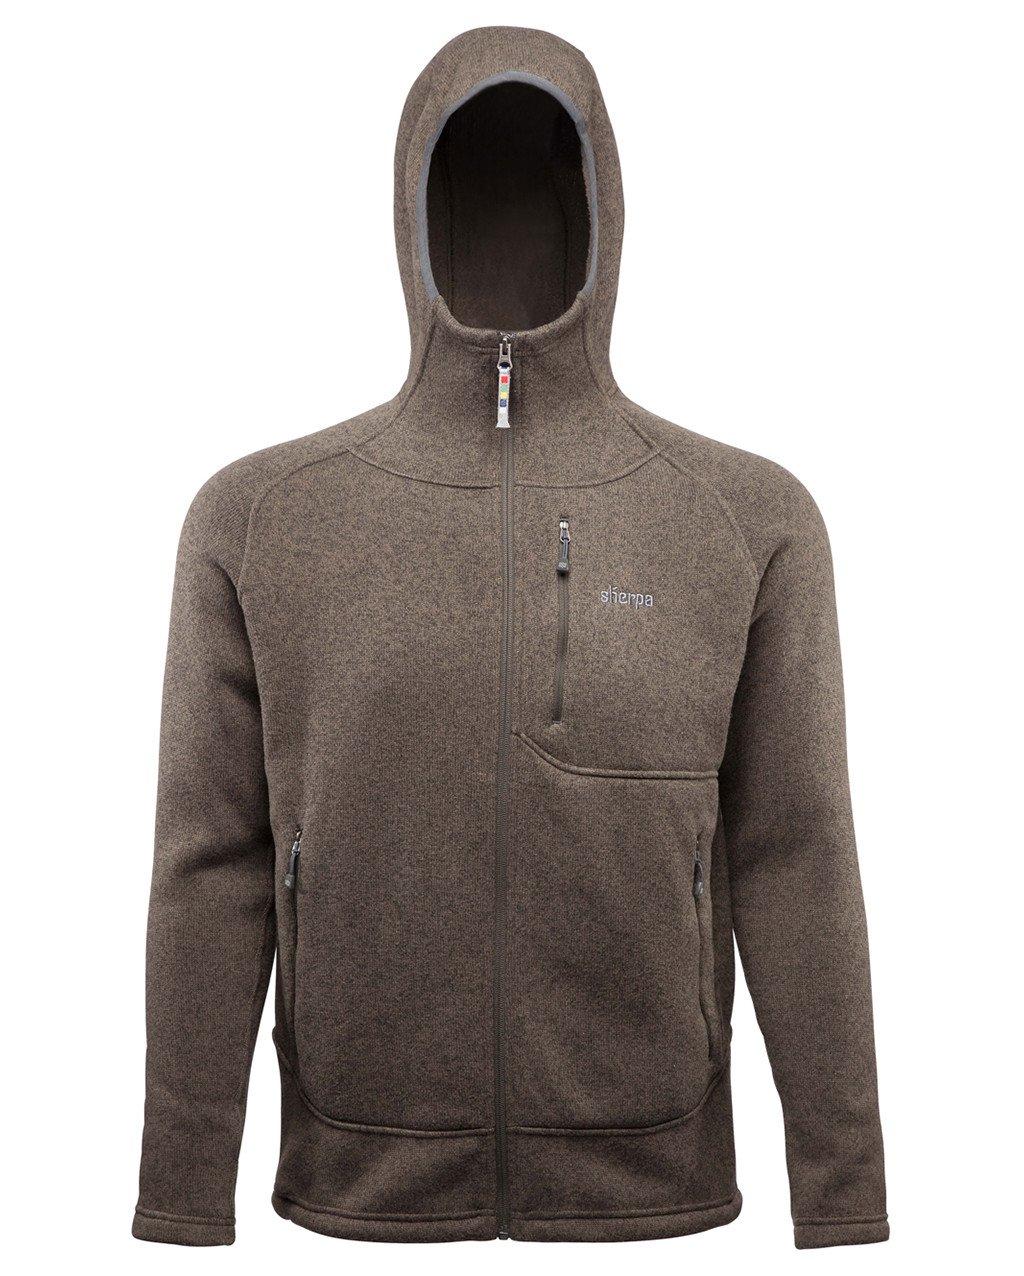 1ab213b2d Sherpa Adventure Gear Men's Pemba Hooded Jacket SM547 $119.95 NEW   eBay